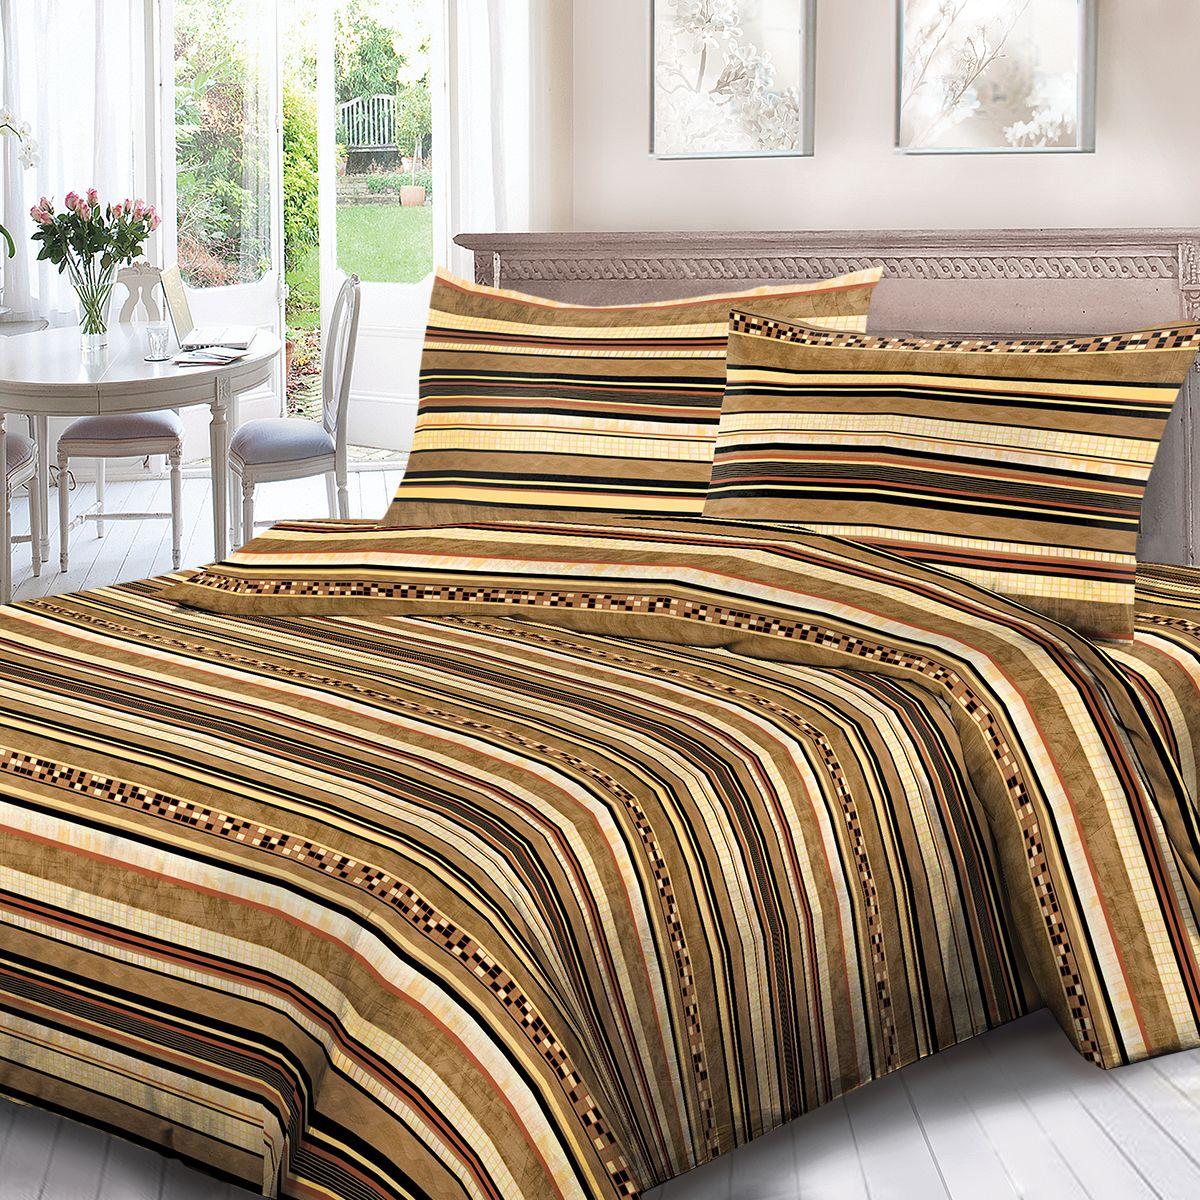 Комплект белья Для Снов Шанталь, семейный, наволочки 70x70, цвет: коричневый. 1680-284386